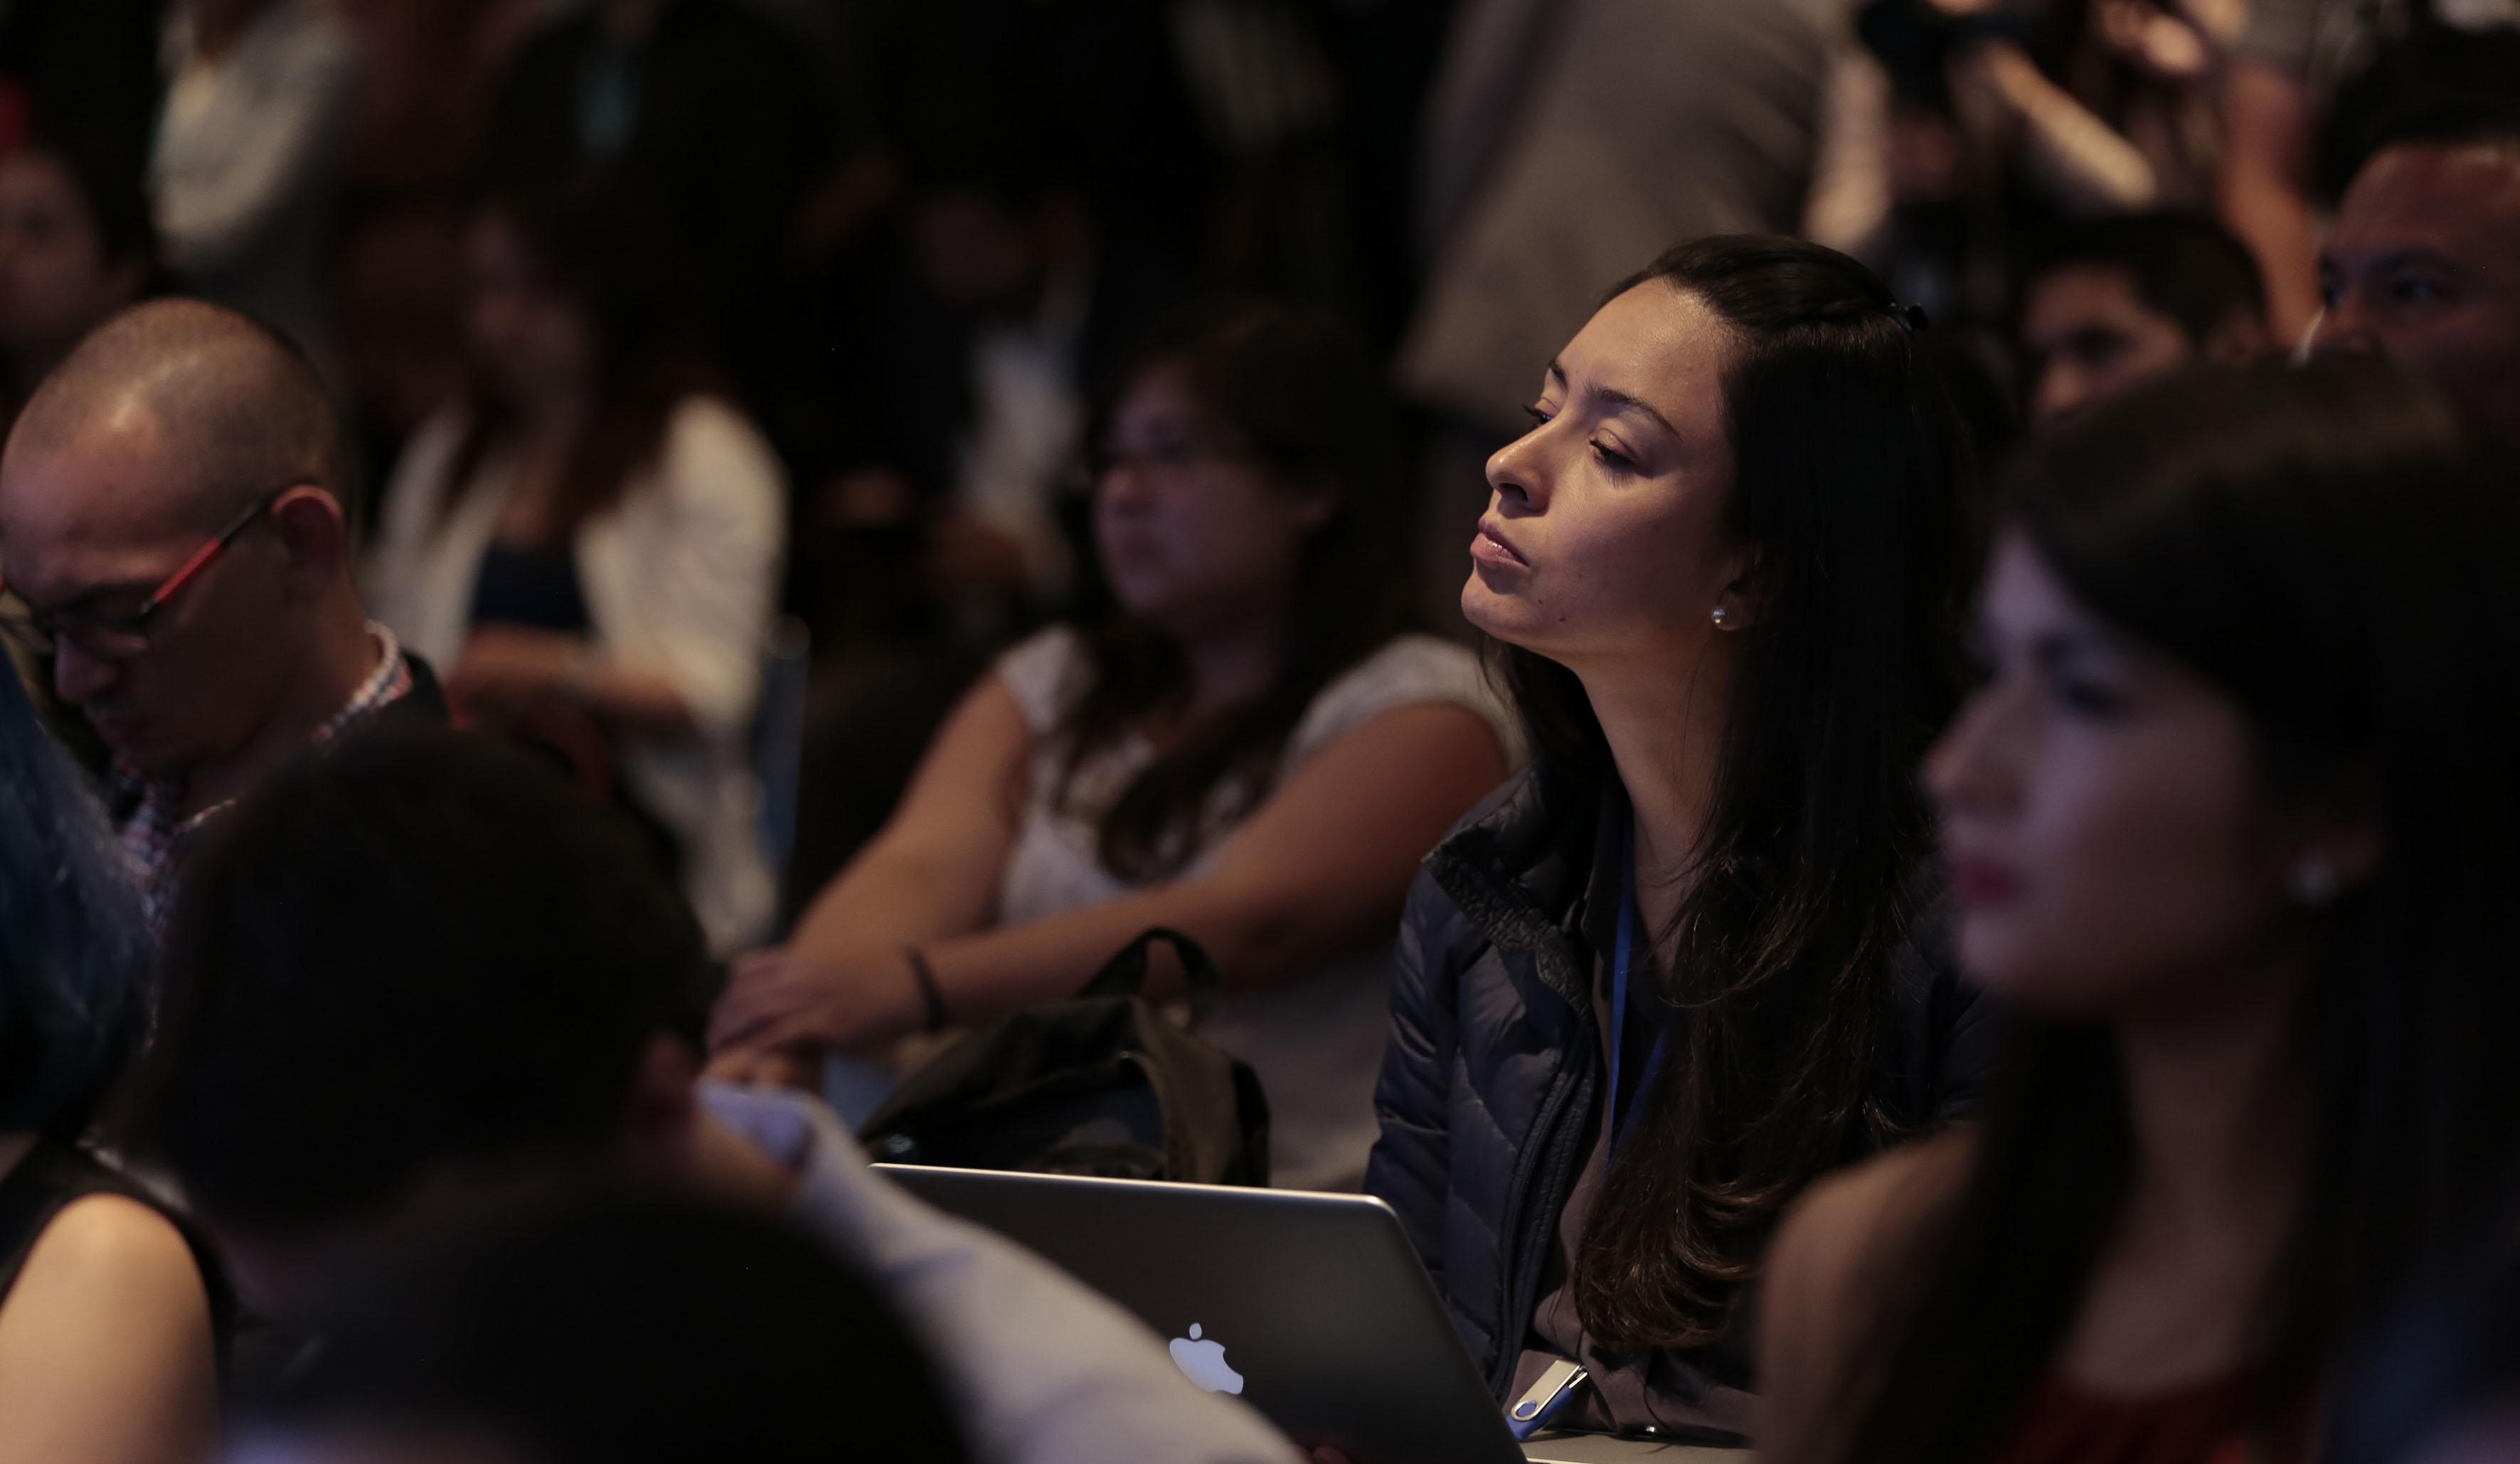 Público asistente y atento a la rueda de prensa, con motivo del Campus Party 2017, próximo a efectuarse en la ciudad de Guadalajara.